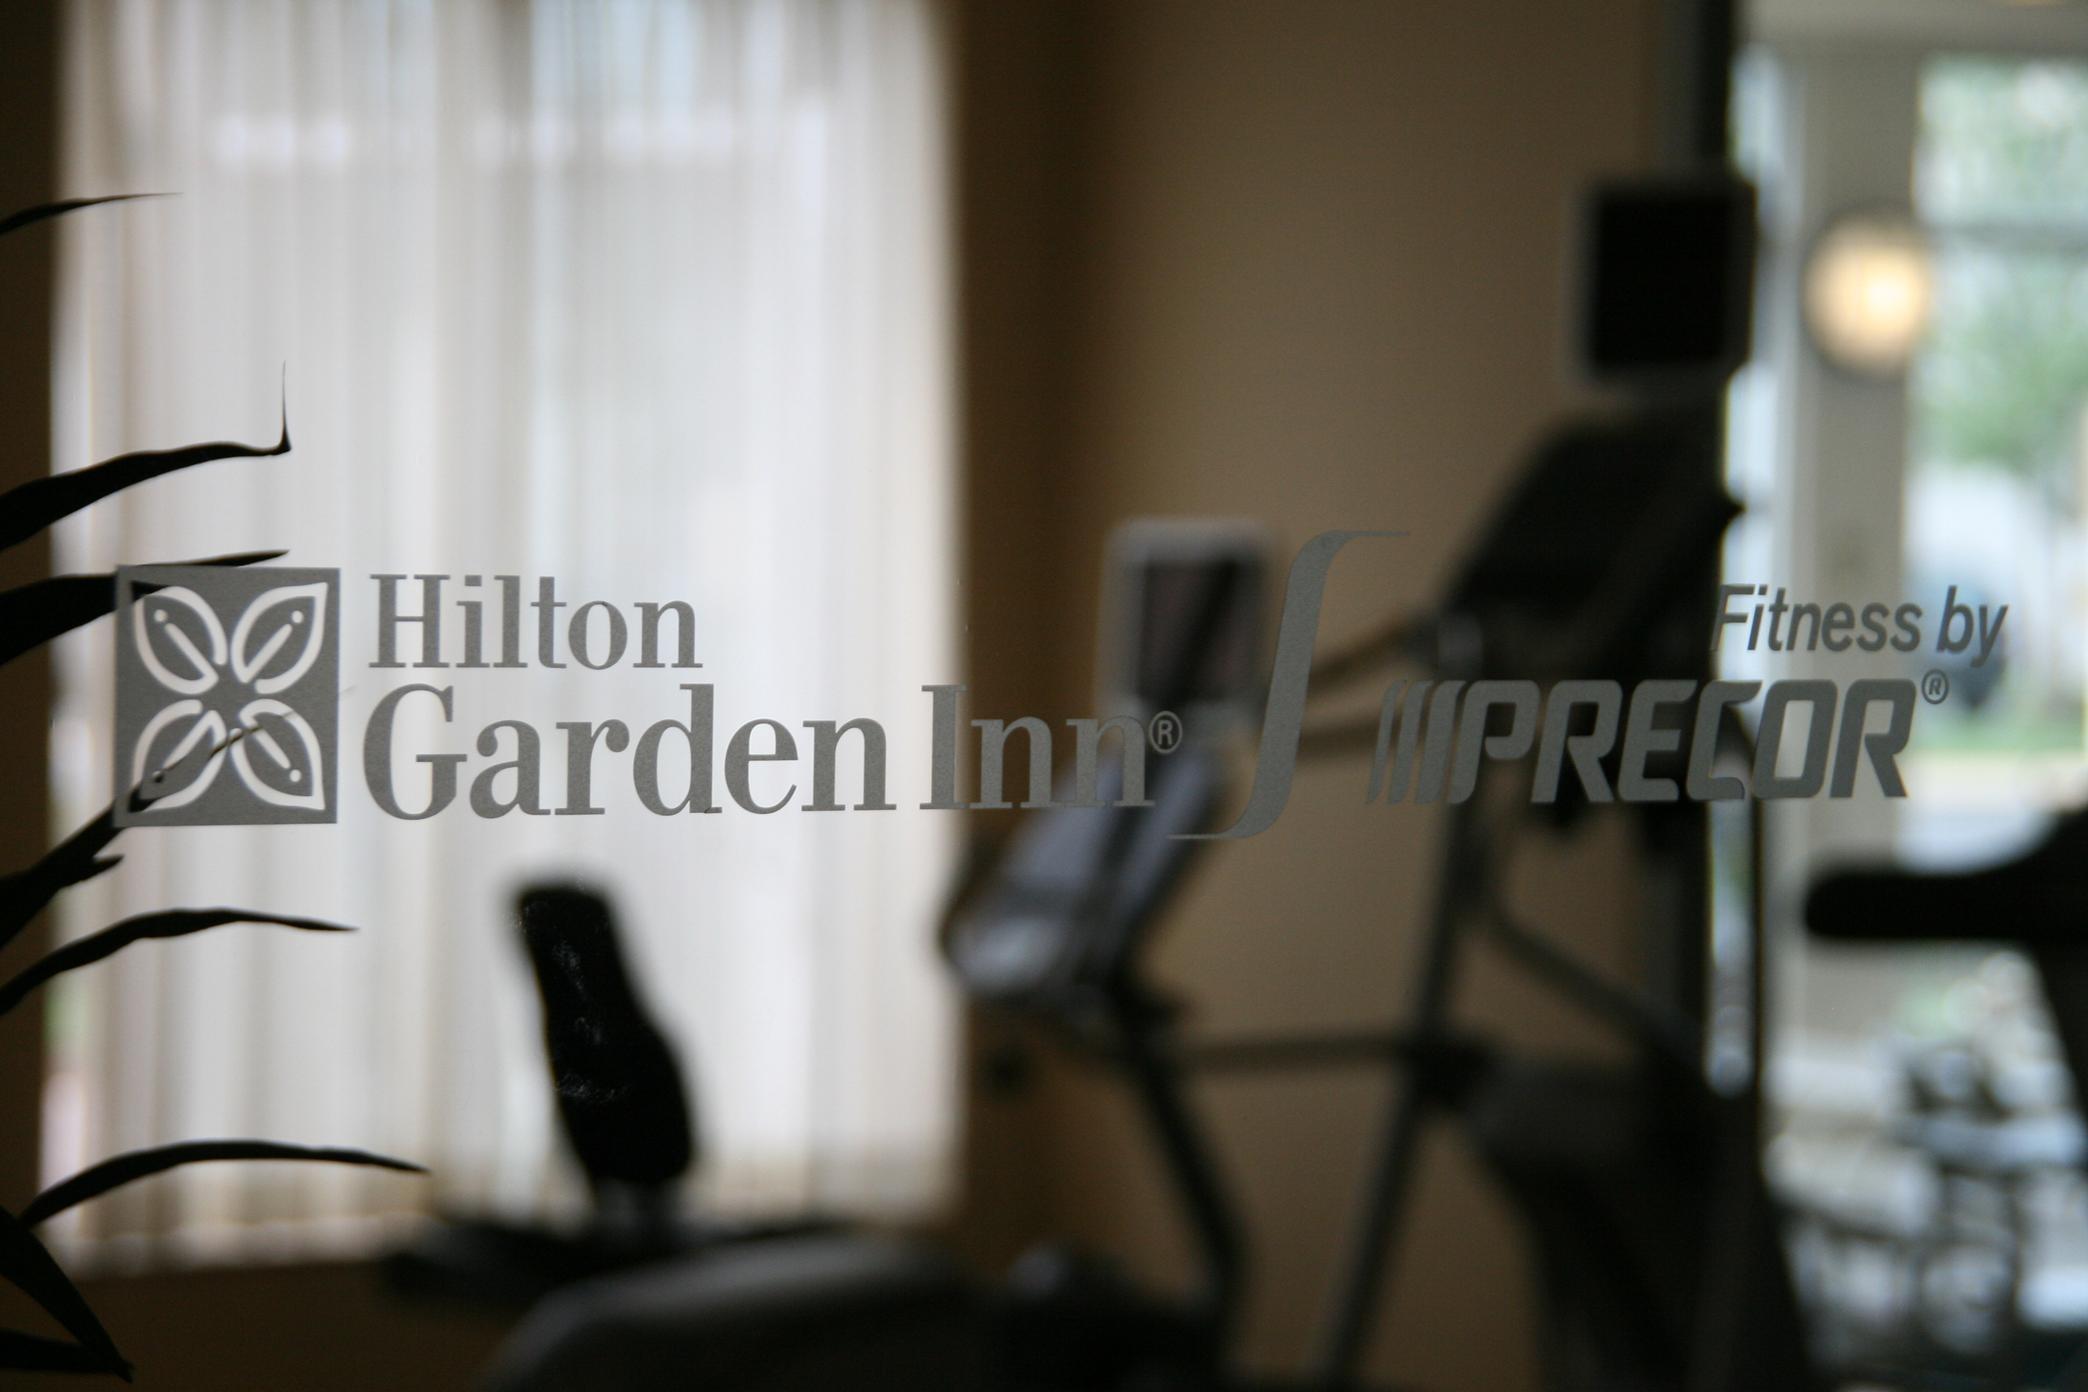 Hilton Garden Inn Newport News image 0